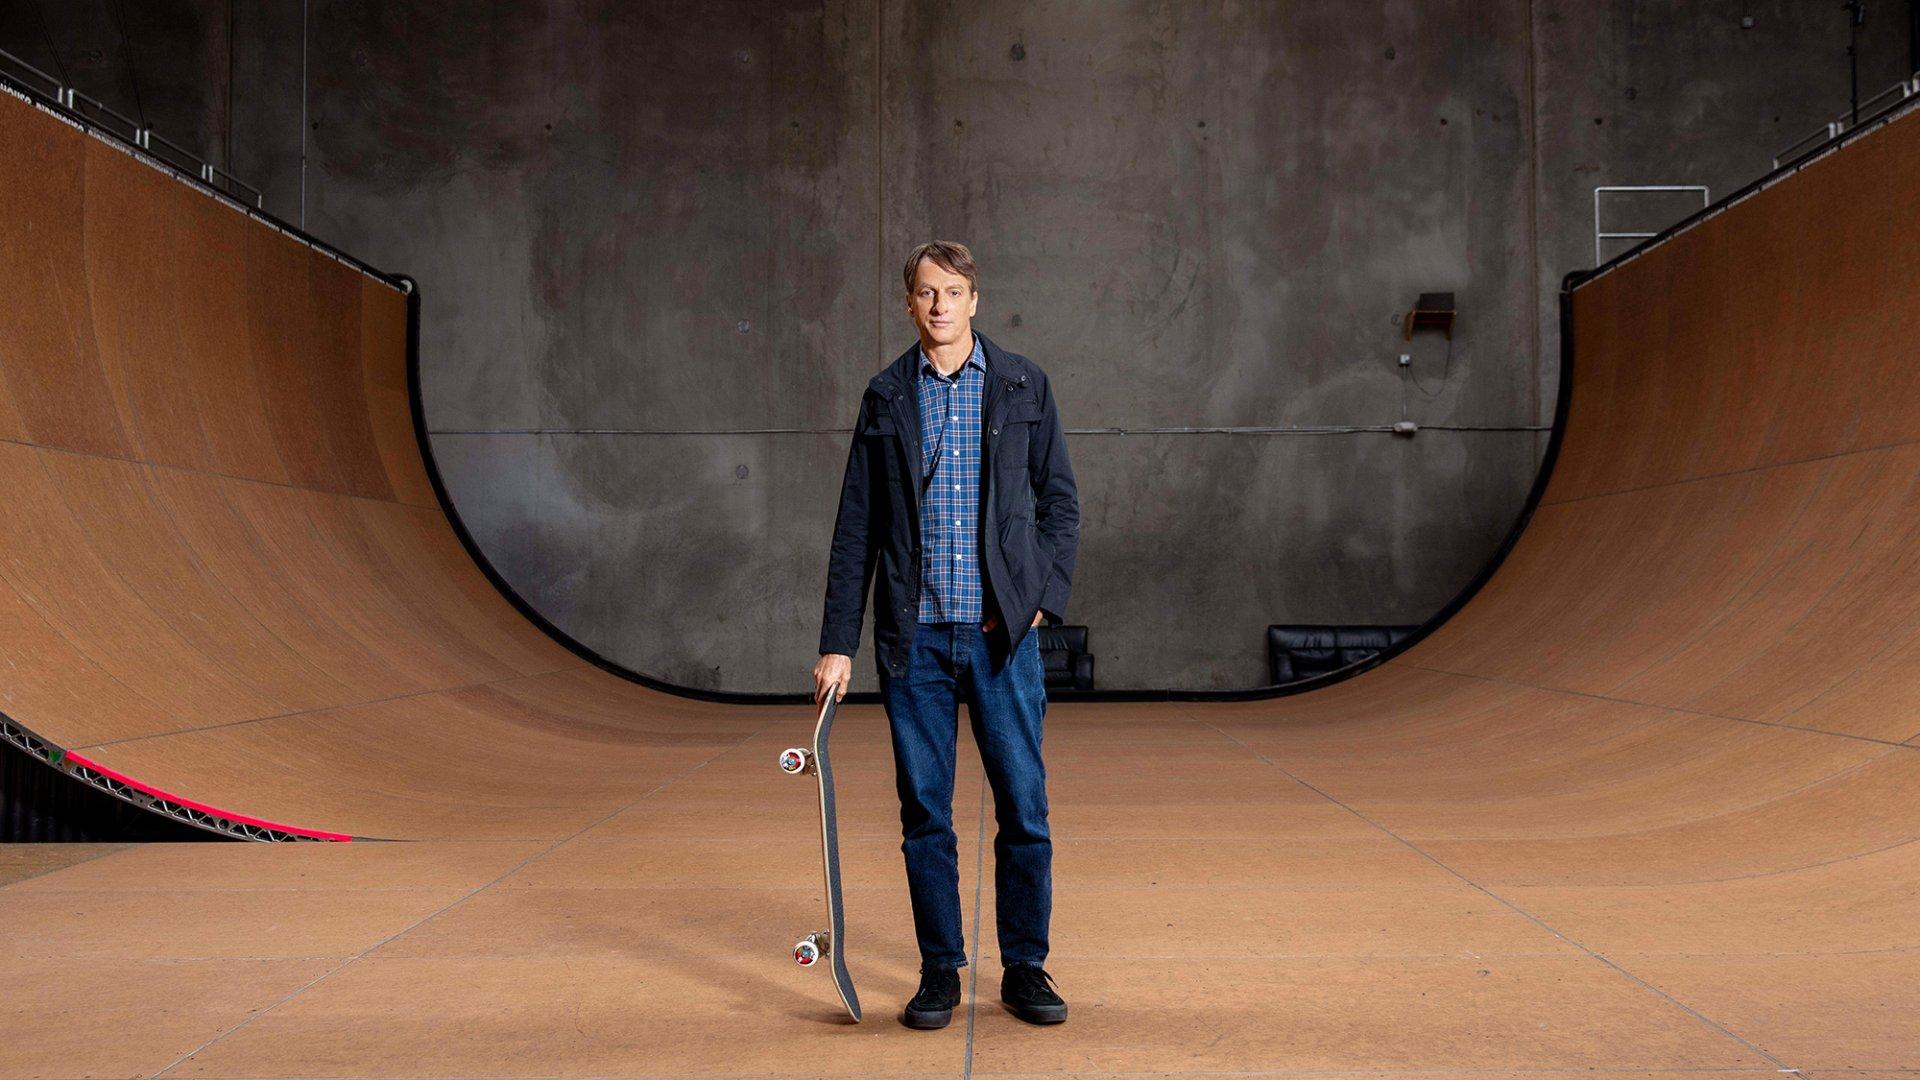 Легенда скейтбординга Тони Хоук дал 3 совета предпринимателям, как добиться долгосрочного успеха в бизнесе